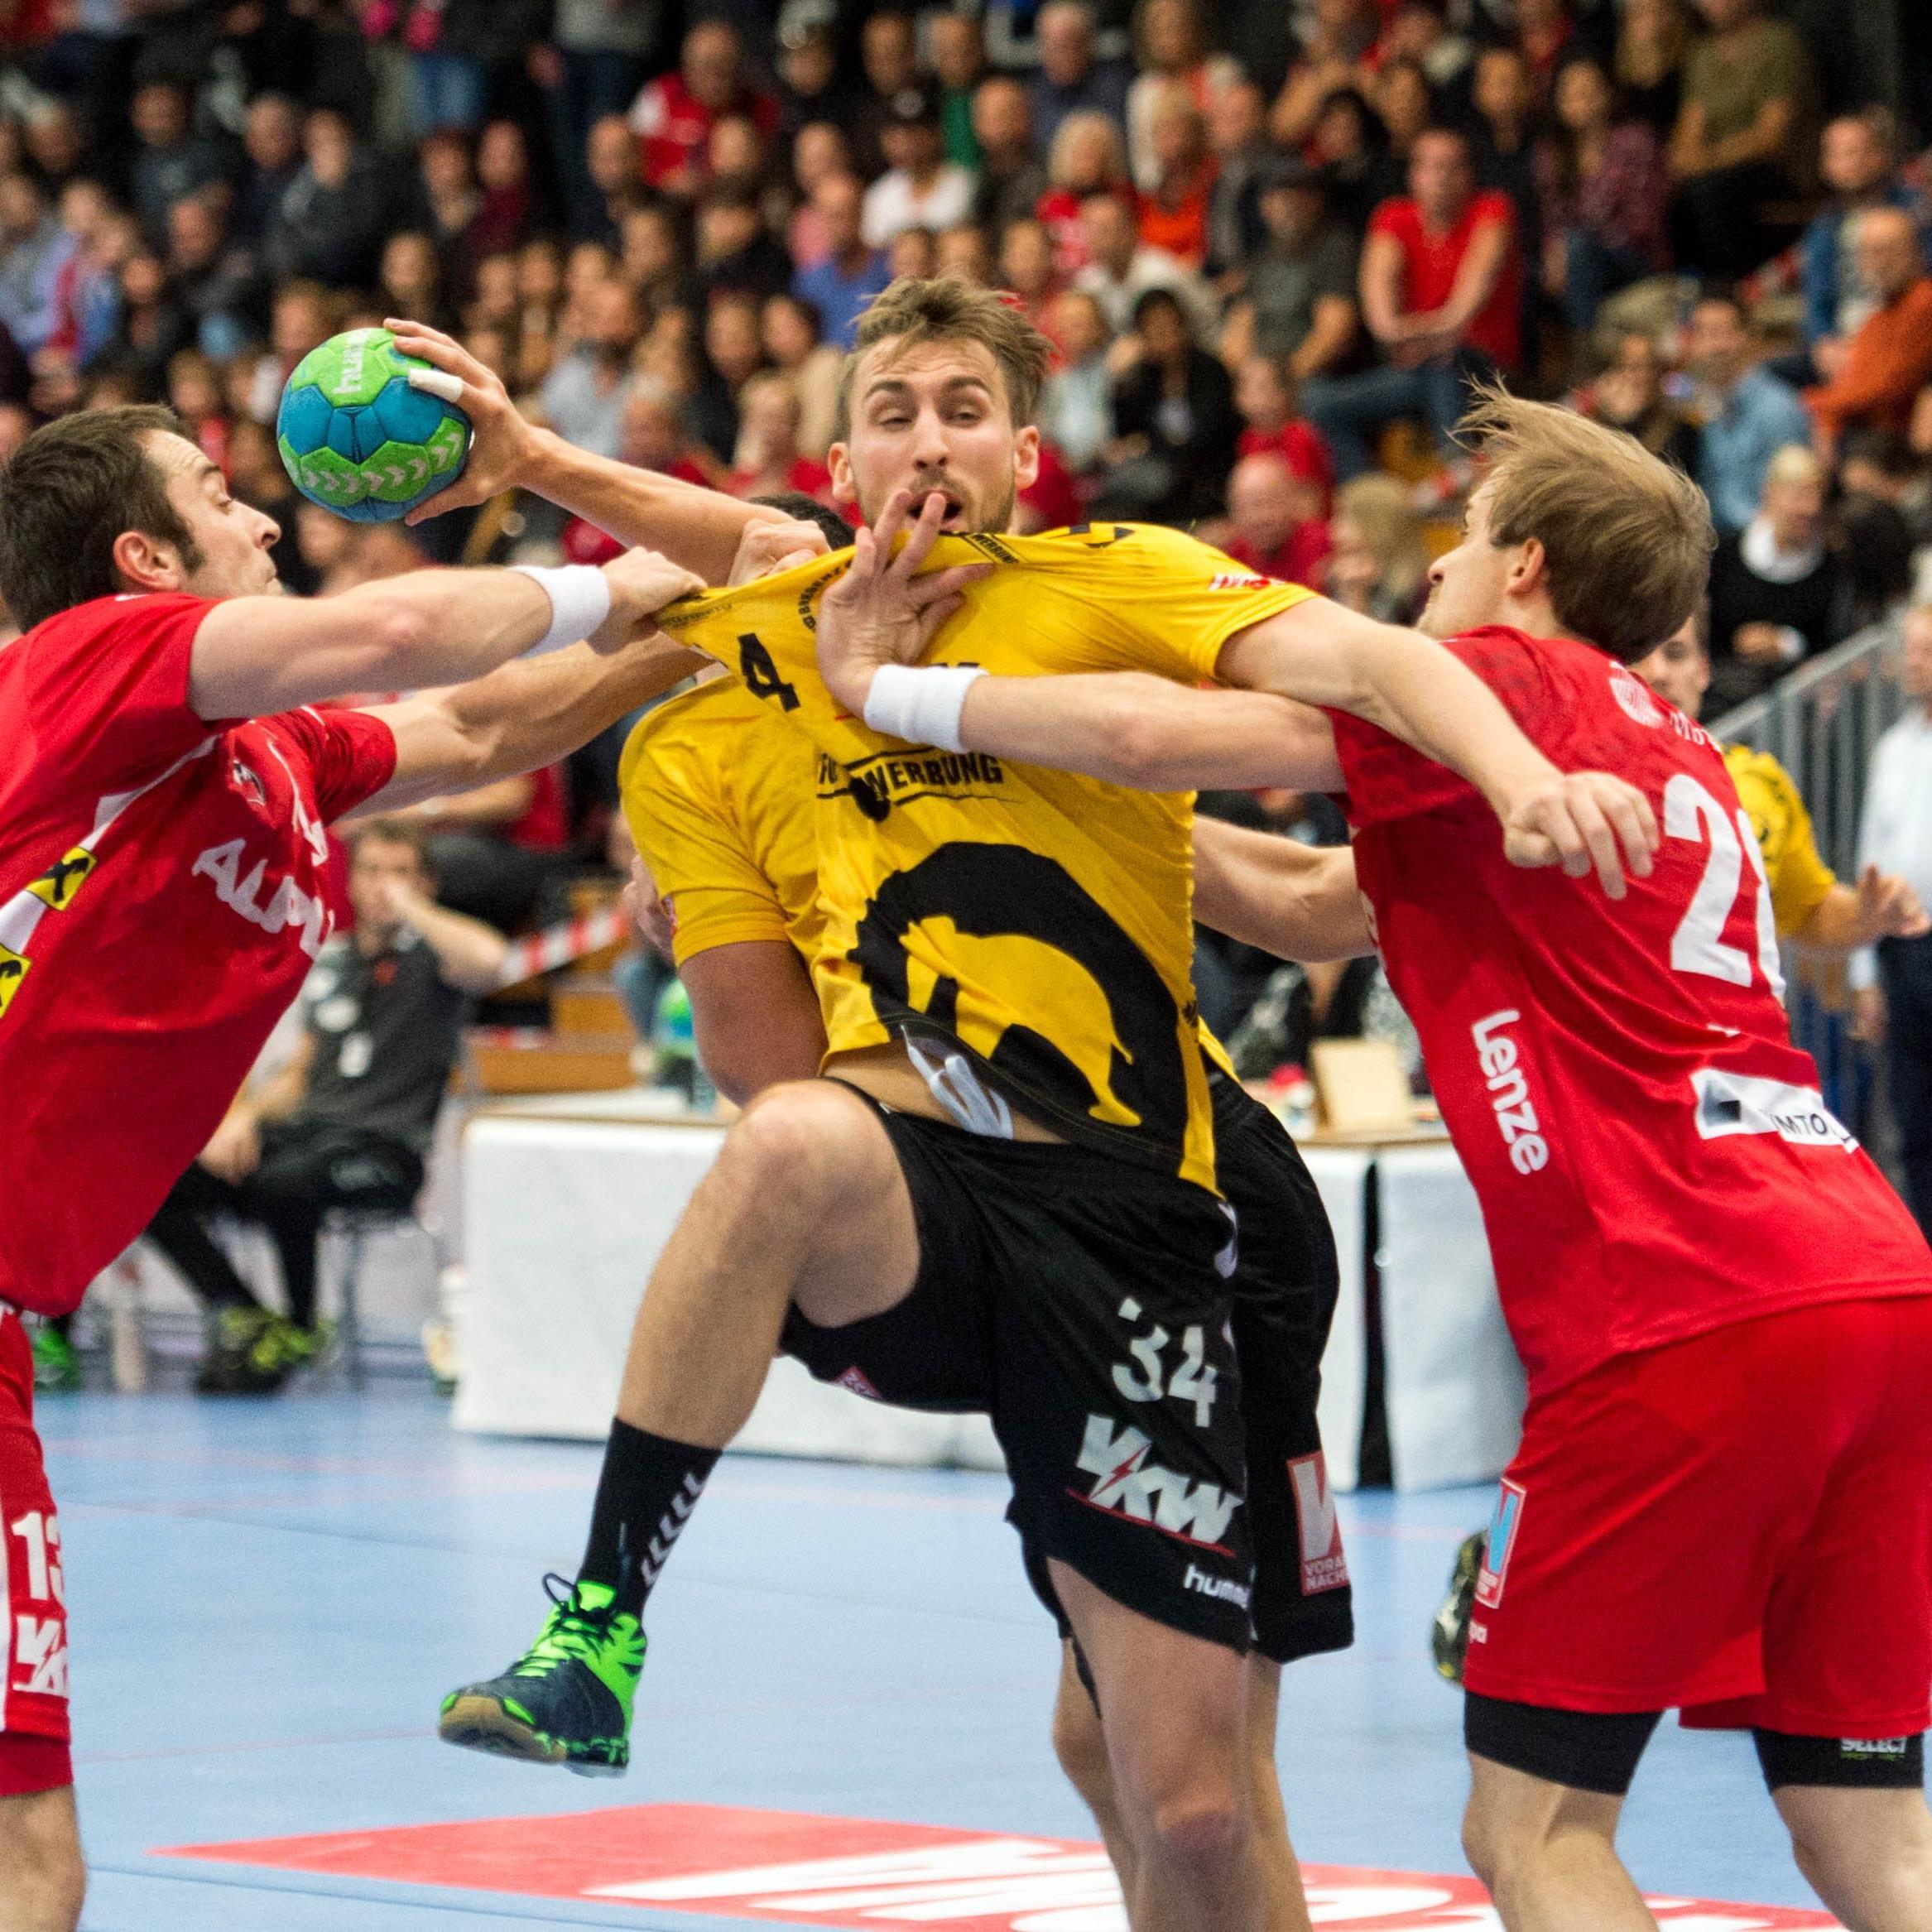 Bregenz Handball will im Derby gegen den HC Hard wieder auf Tobias Varvne (mitte) zurückgreifen.